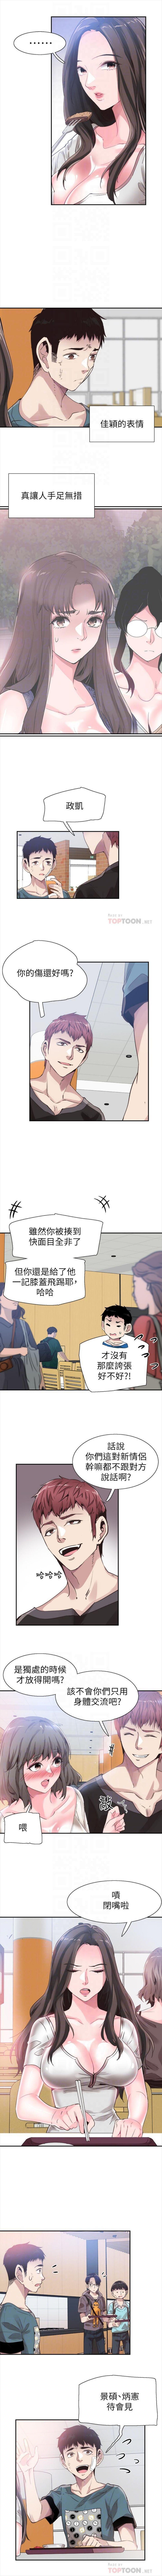 (週7)校園live秀 1-50 中文翻譯(更新中) 297